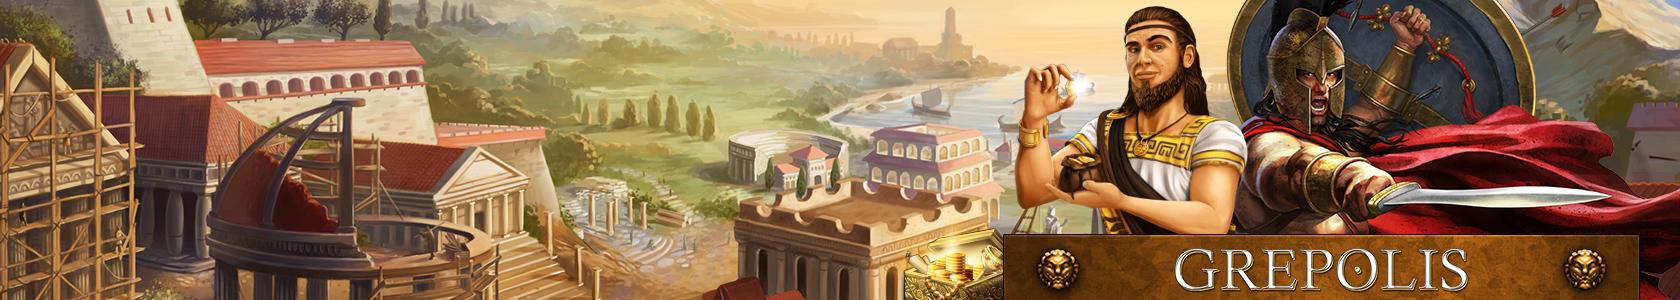 Grepolis spielen Sie in der griechischen Antike